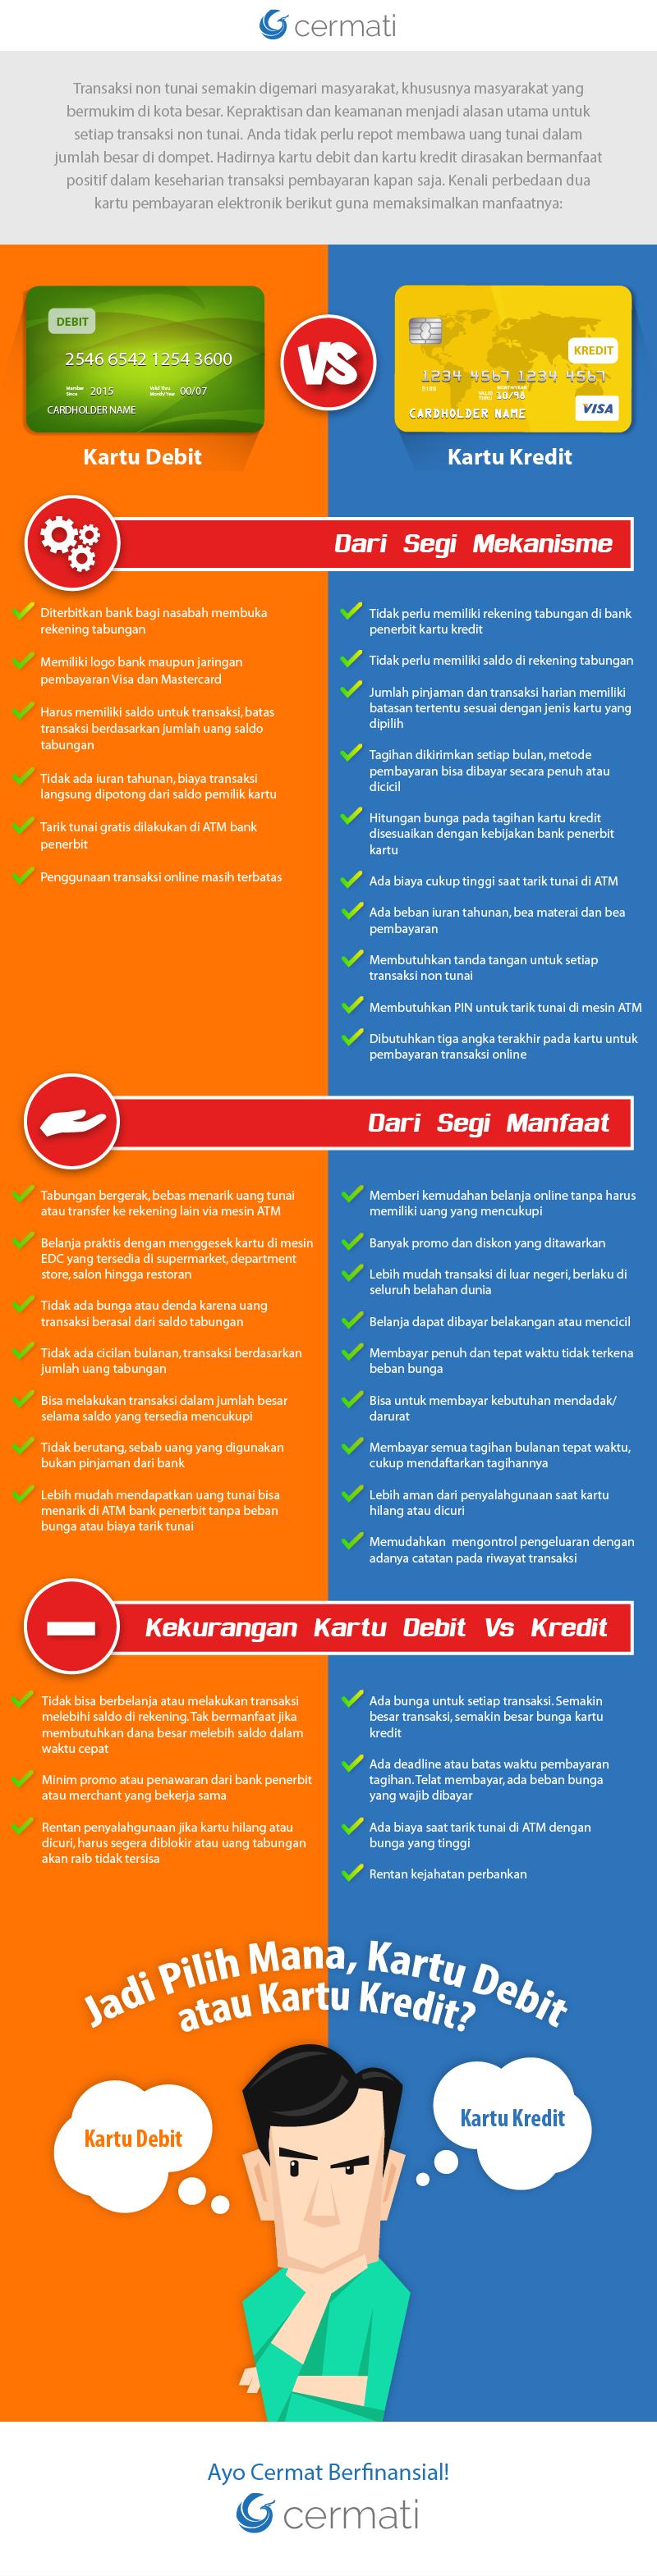 Infografis Kartu Kredit vs Kartu Debit